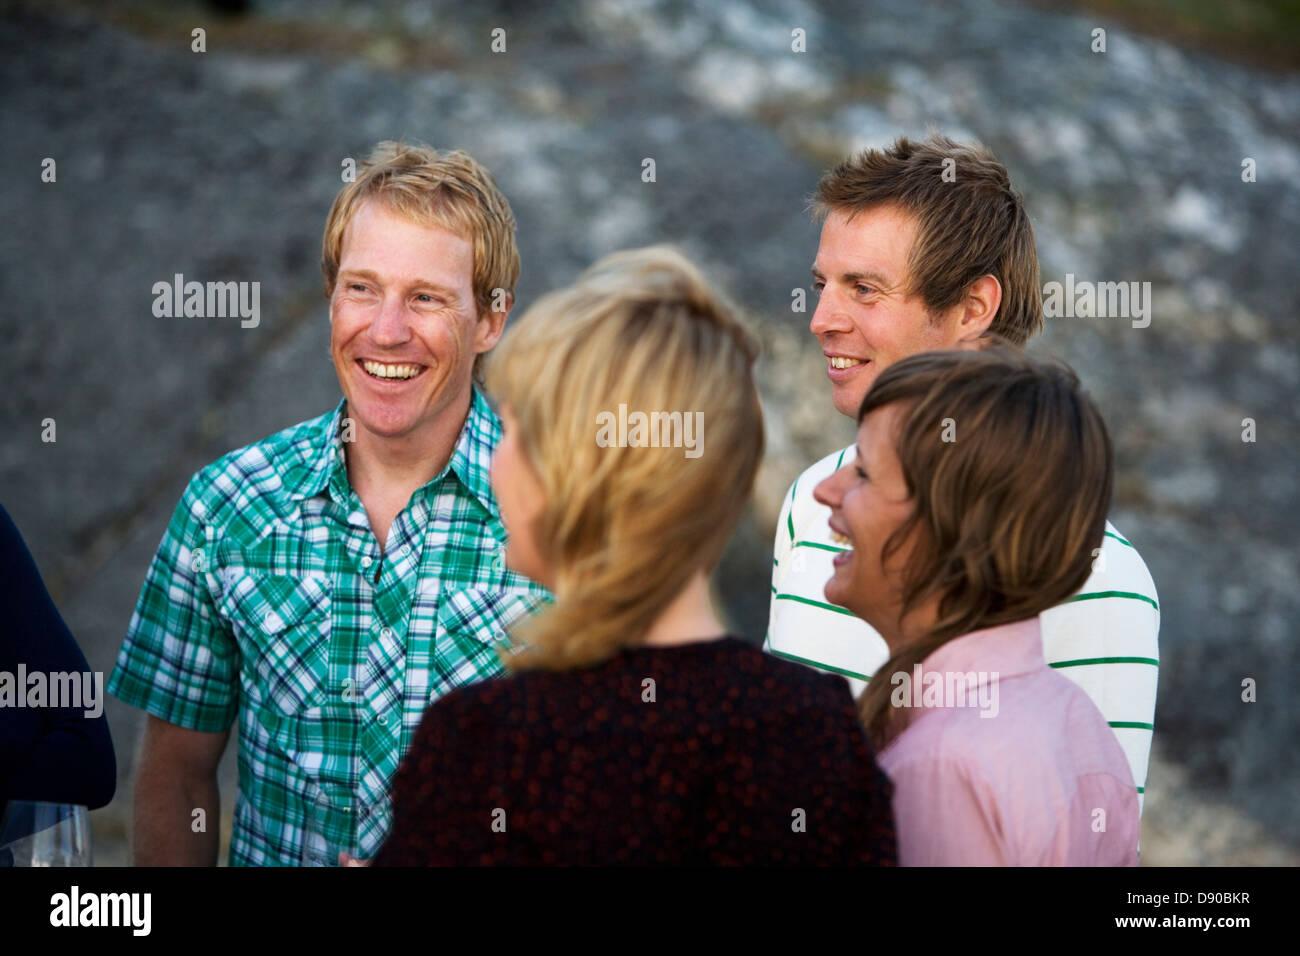 Friends spending time together, Fejan, Stockholm archipelago, Sweden. Stock Photo